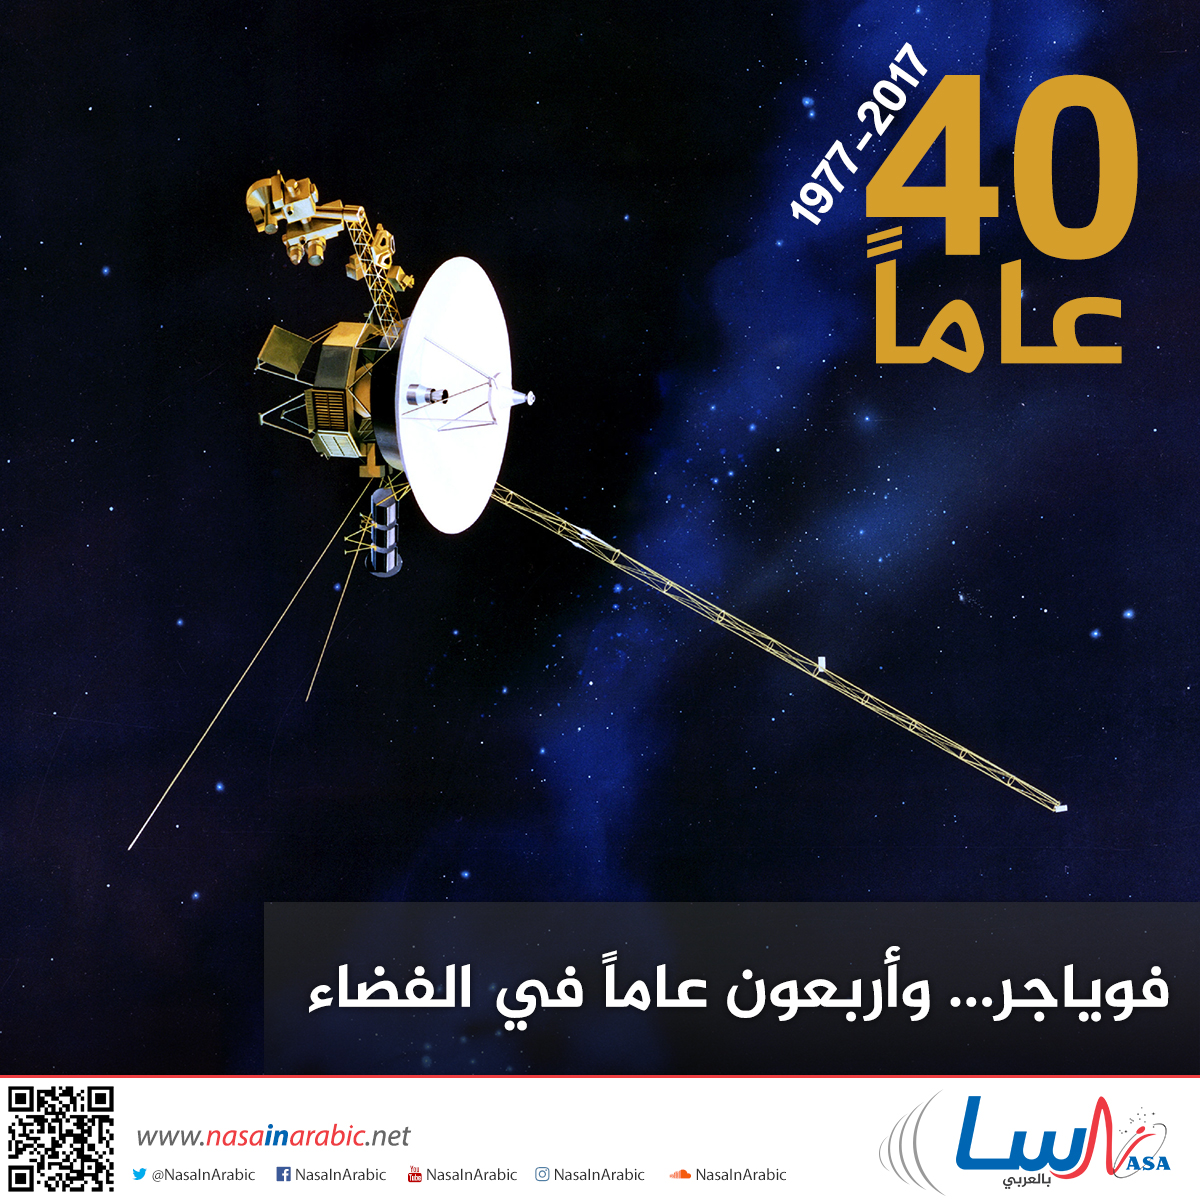 فوياجر وأربعون عاماً في الفضاء